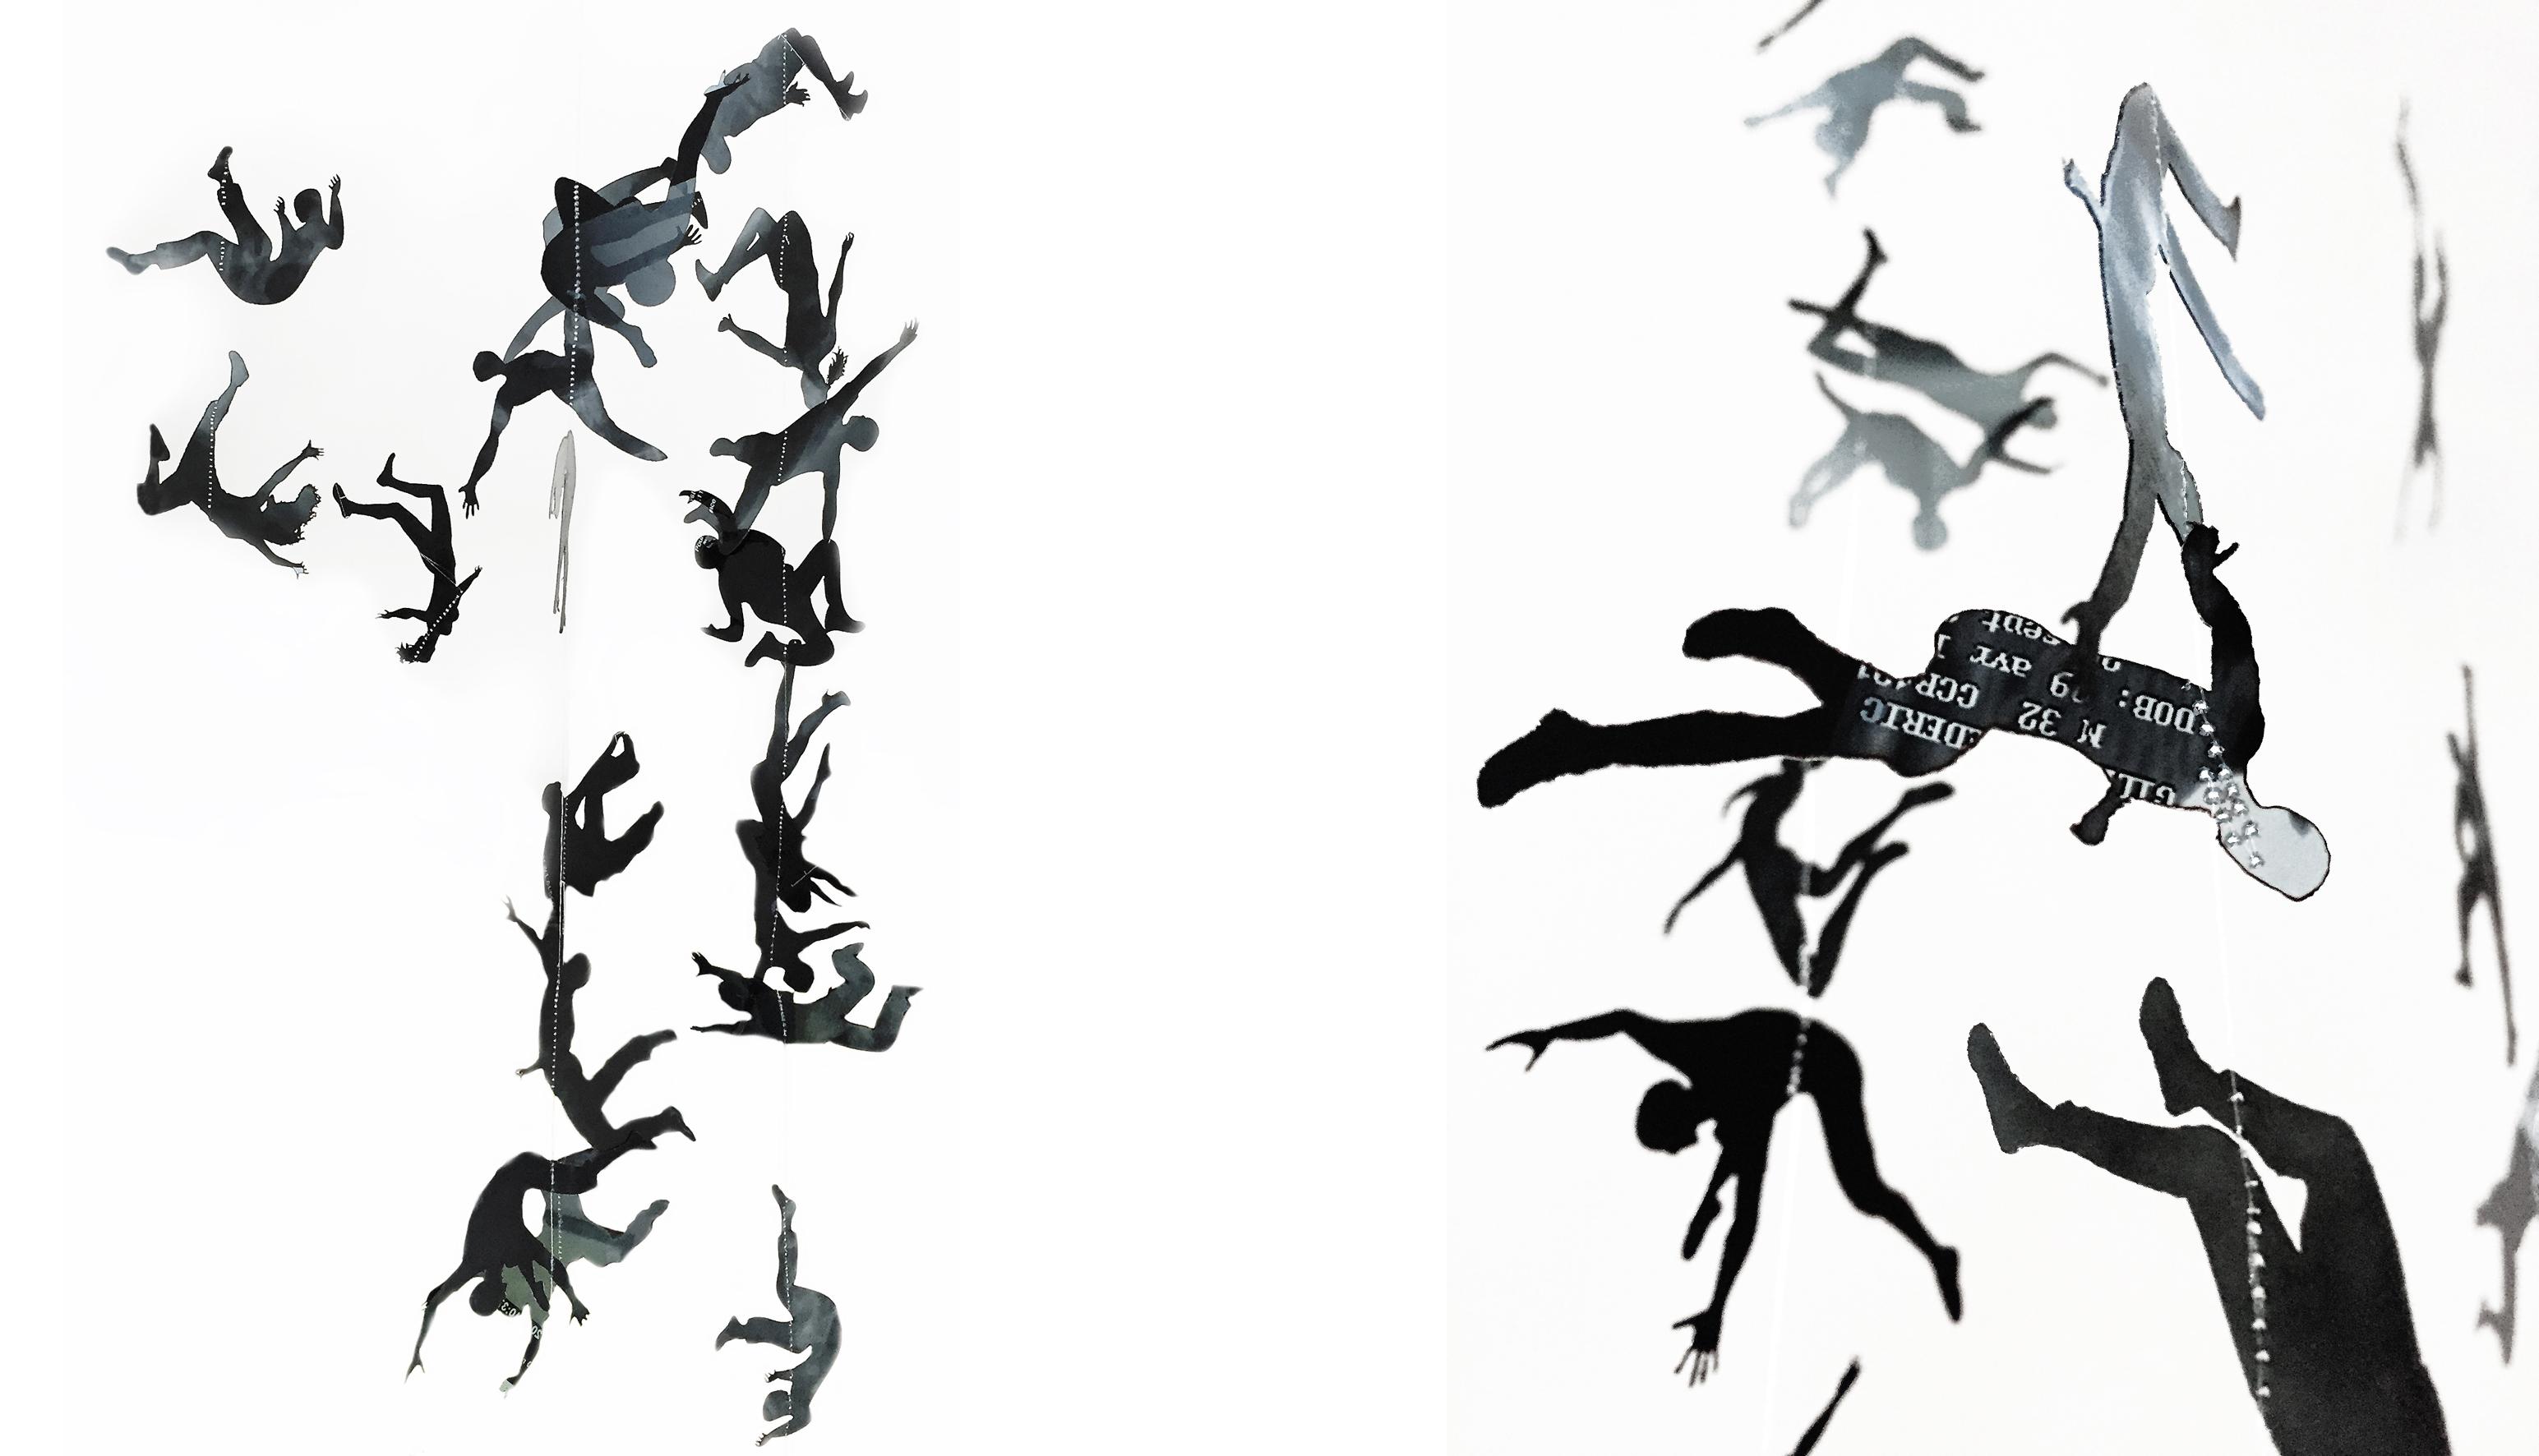 B-Amarger_artiste-textile_2020_lachute-2details